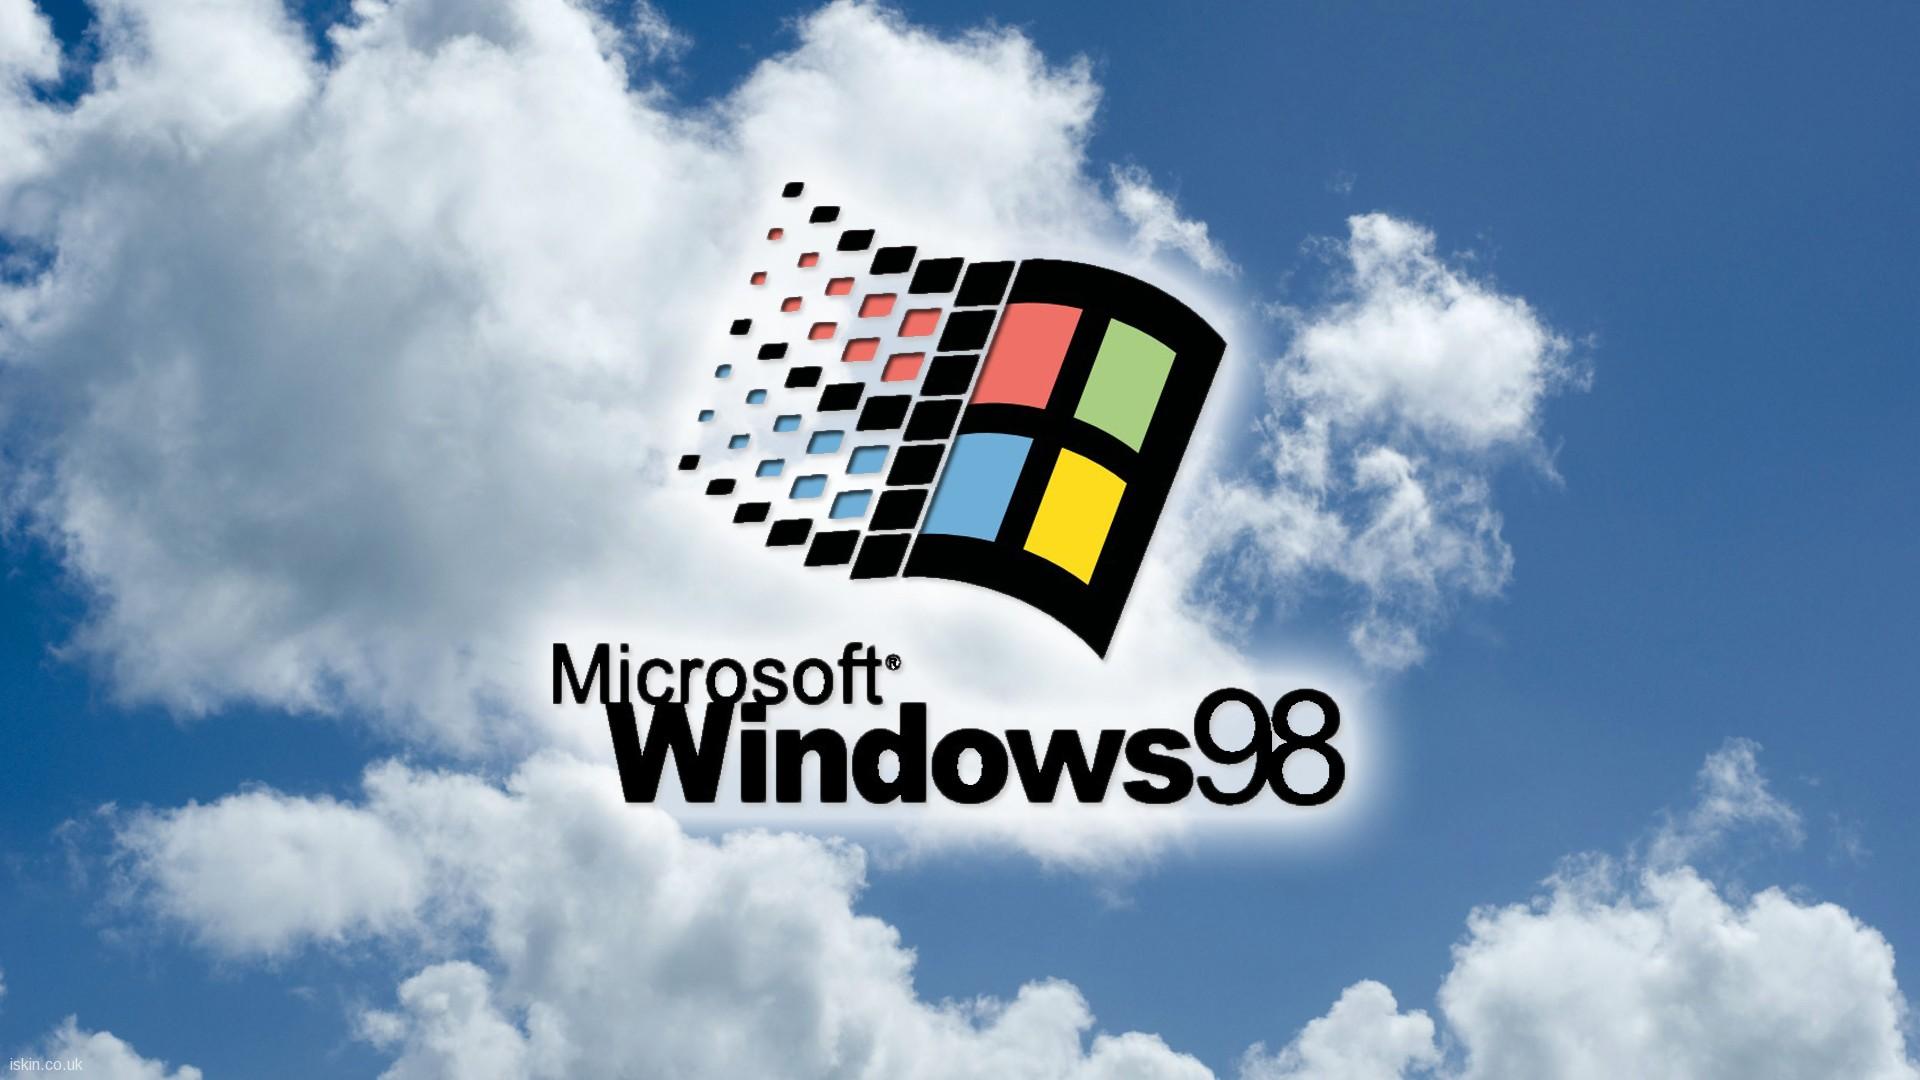 windows 98 wallpapers wallpapersafari